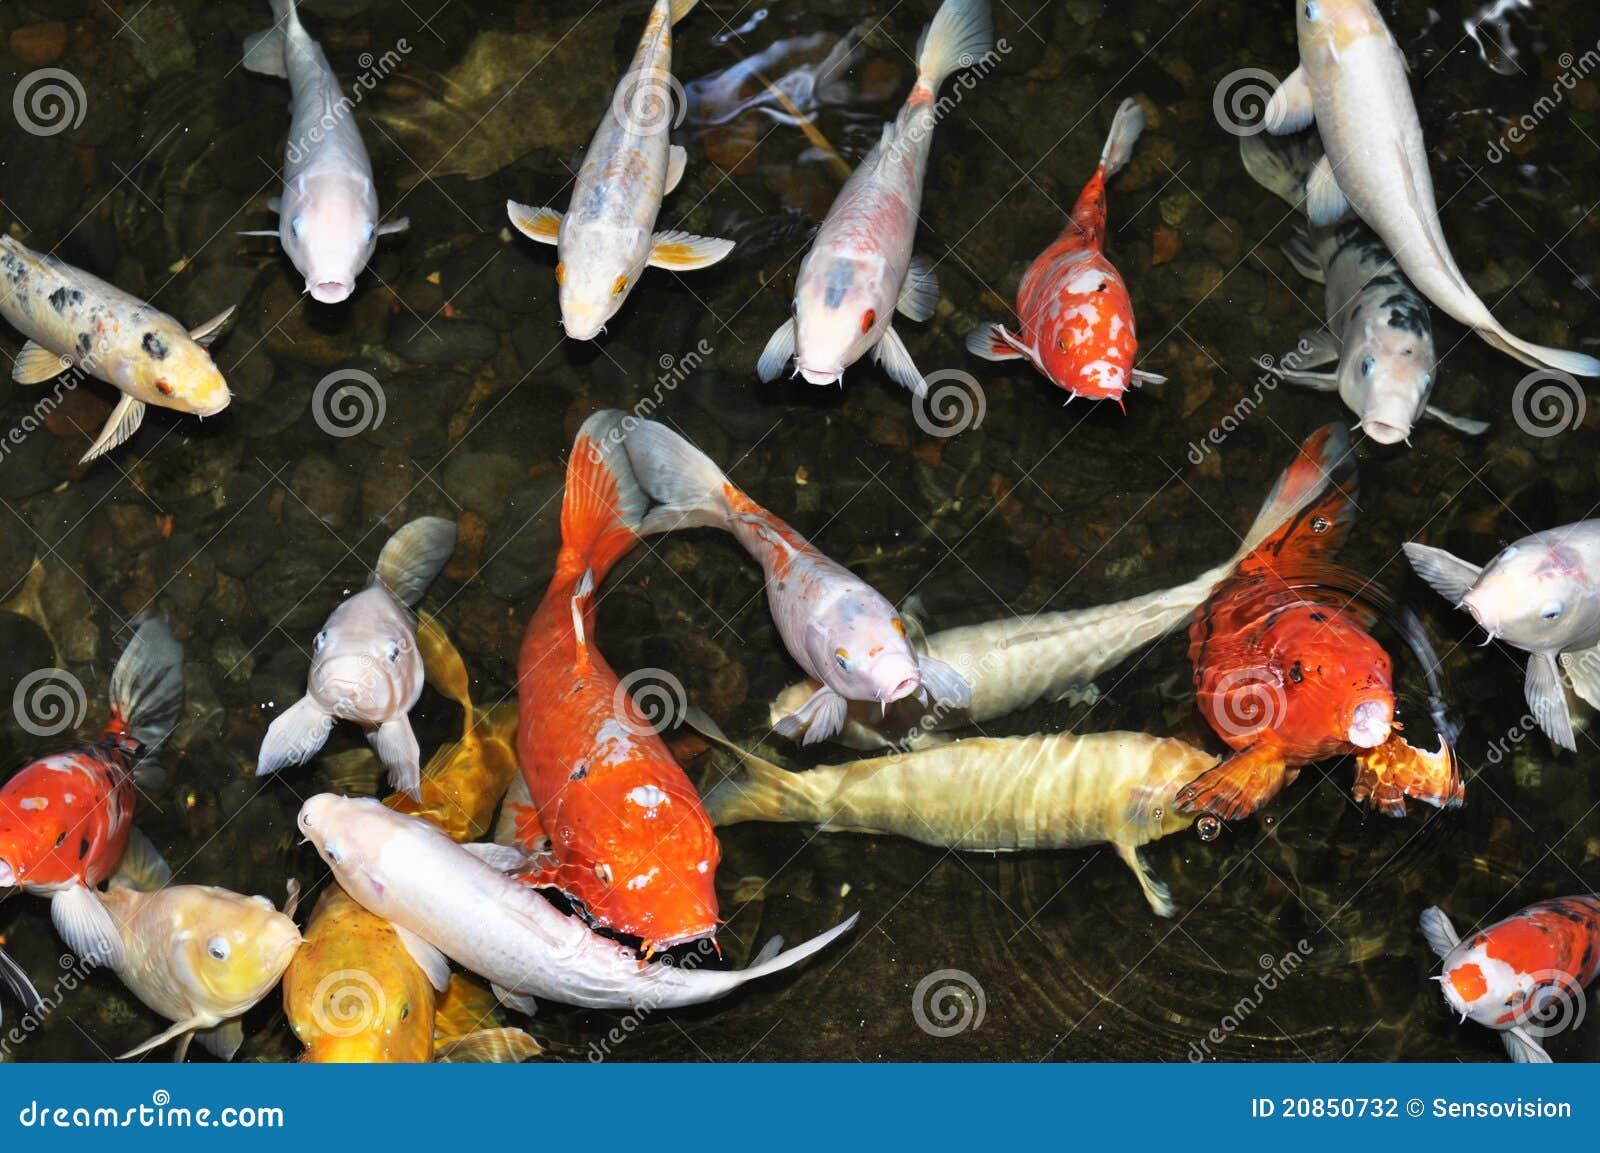 Koi pond with fish stock photography image 20850732 for Shallow koi pond